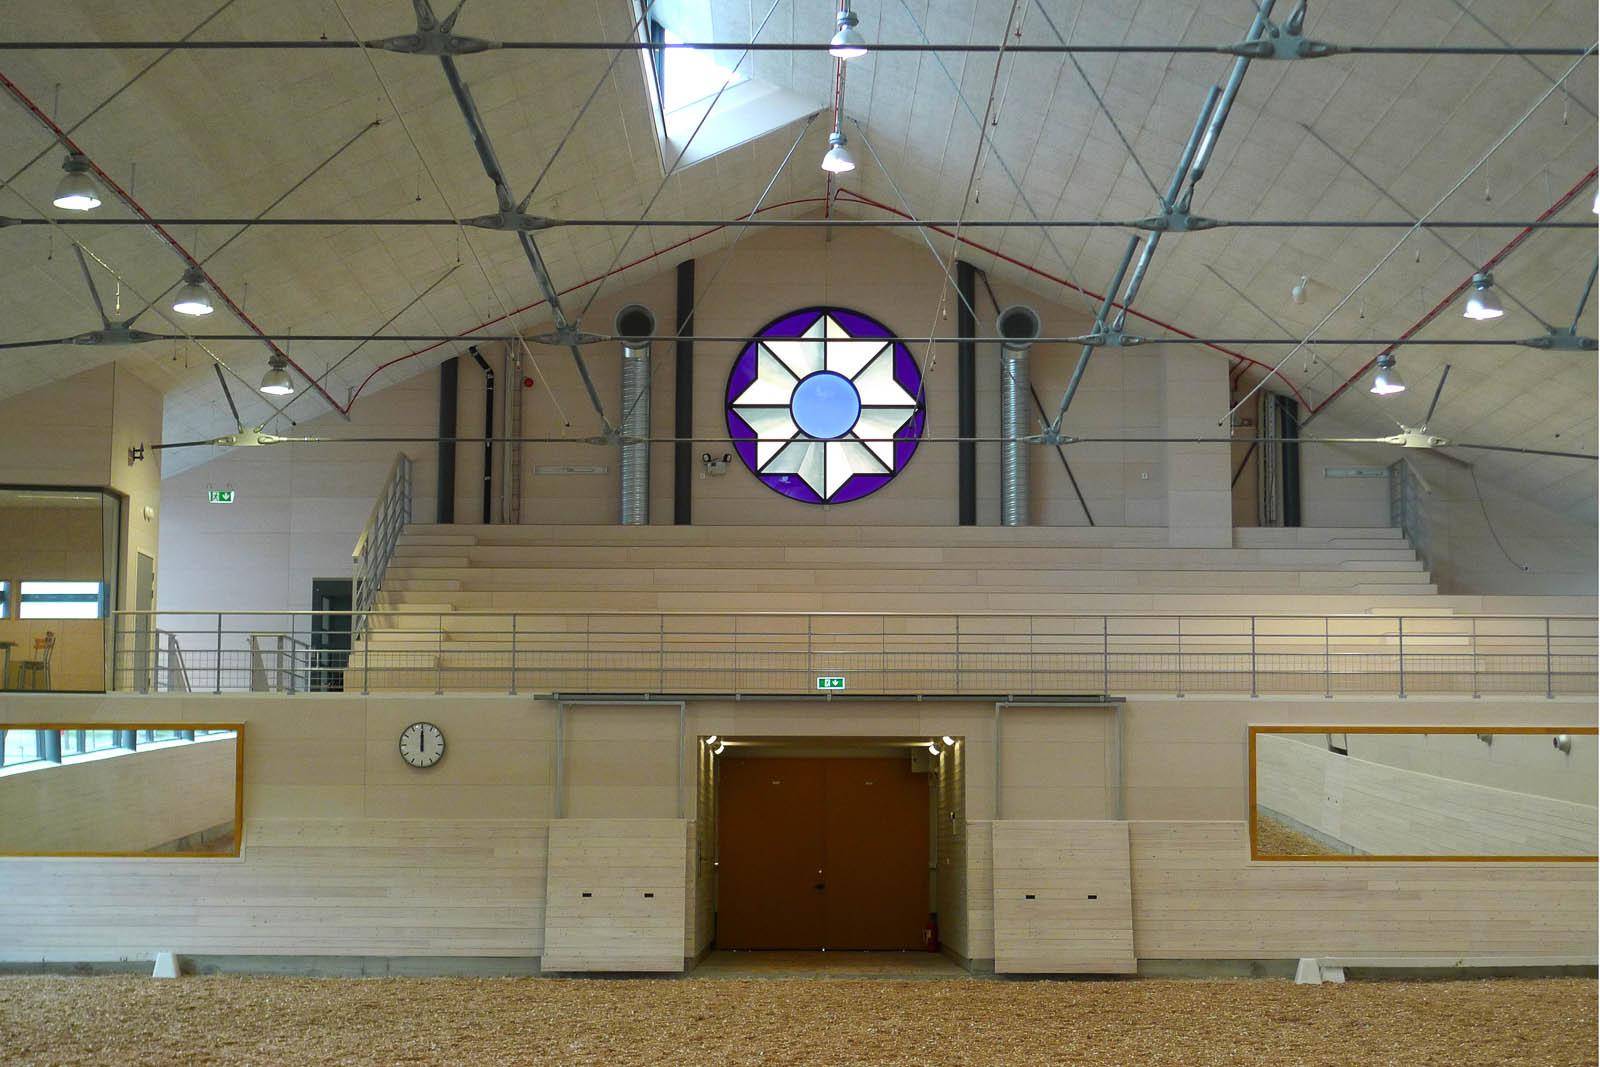 Två fönster, tre meter i diameter, med digitaltryckt, laminerat glas. Motivet är en kokard, prisrosett. Cecilia Aaro och Matilda Fahlsten, Kokard, 2014